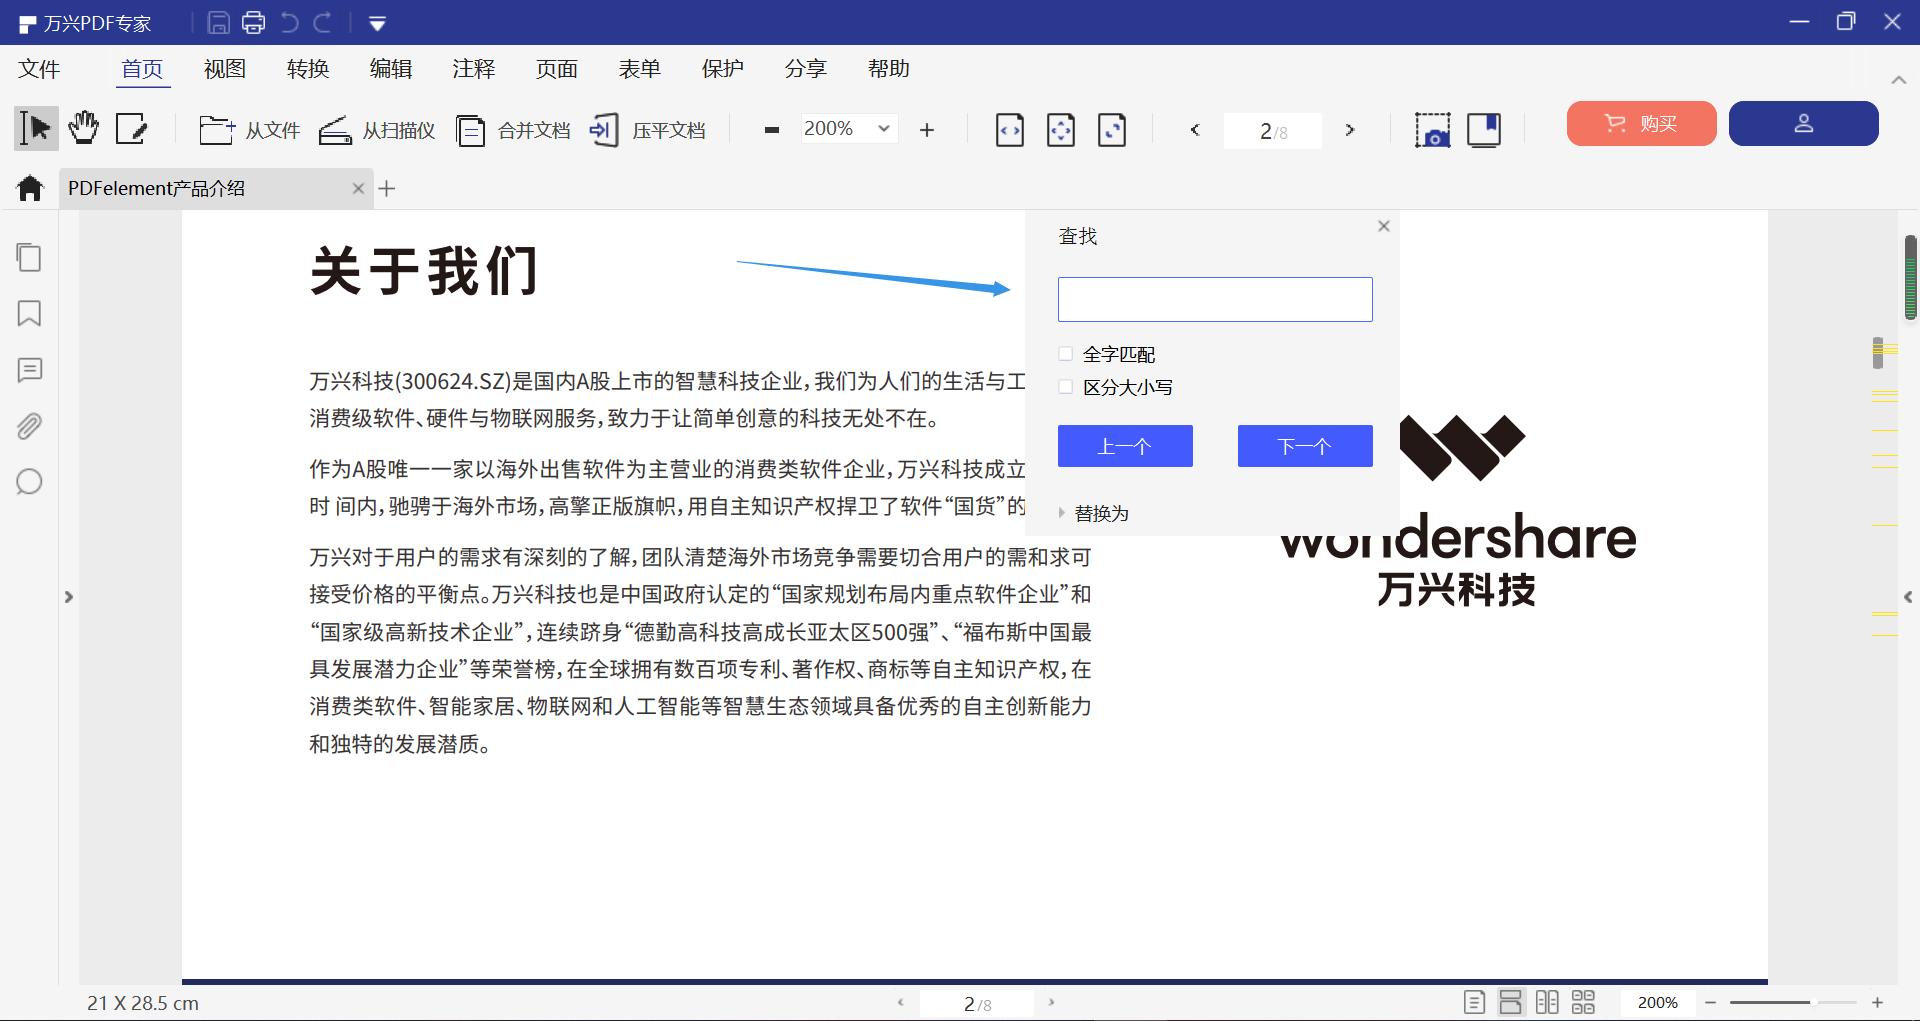 搜索PDF文件关键词步骤2